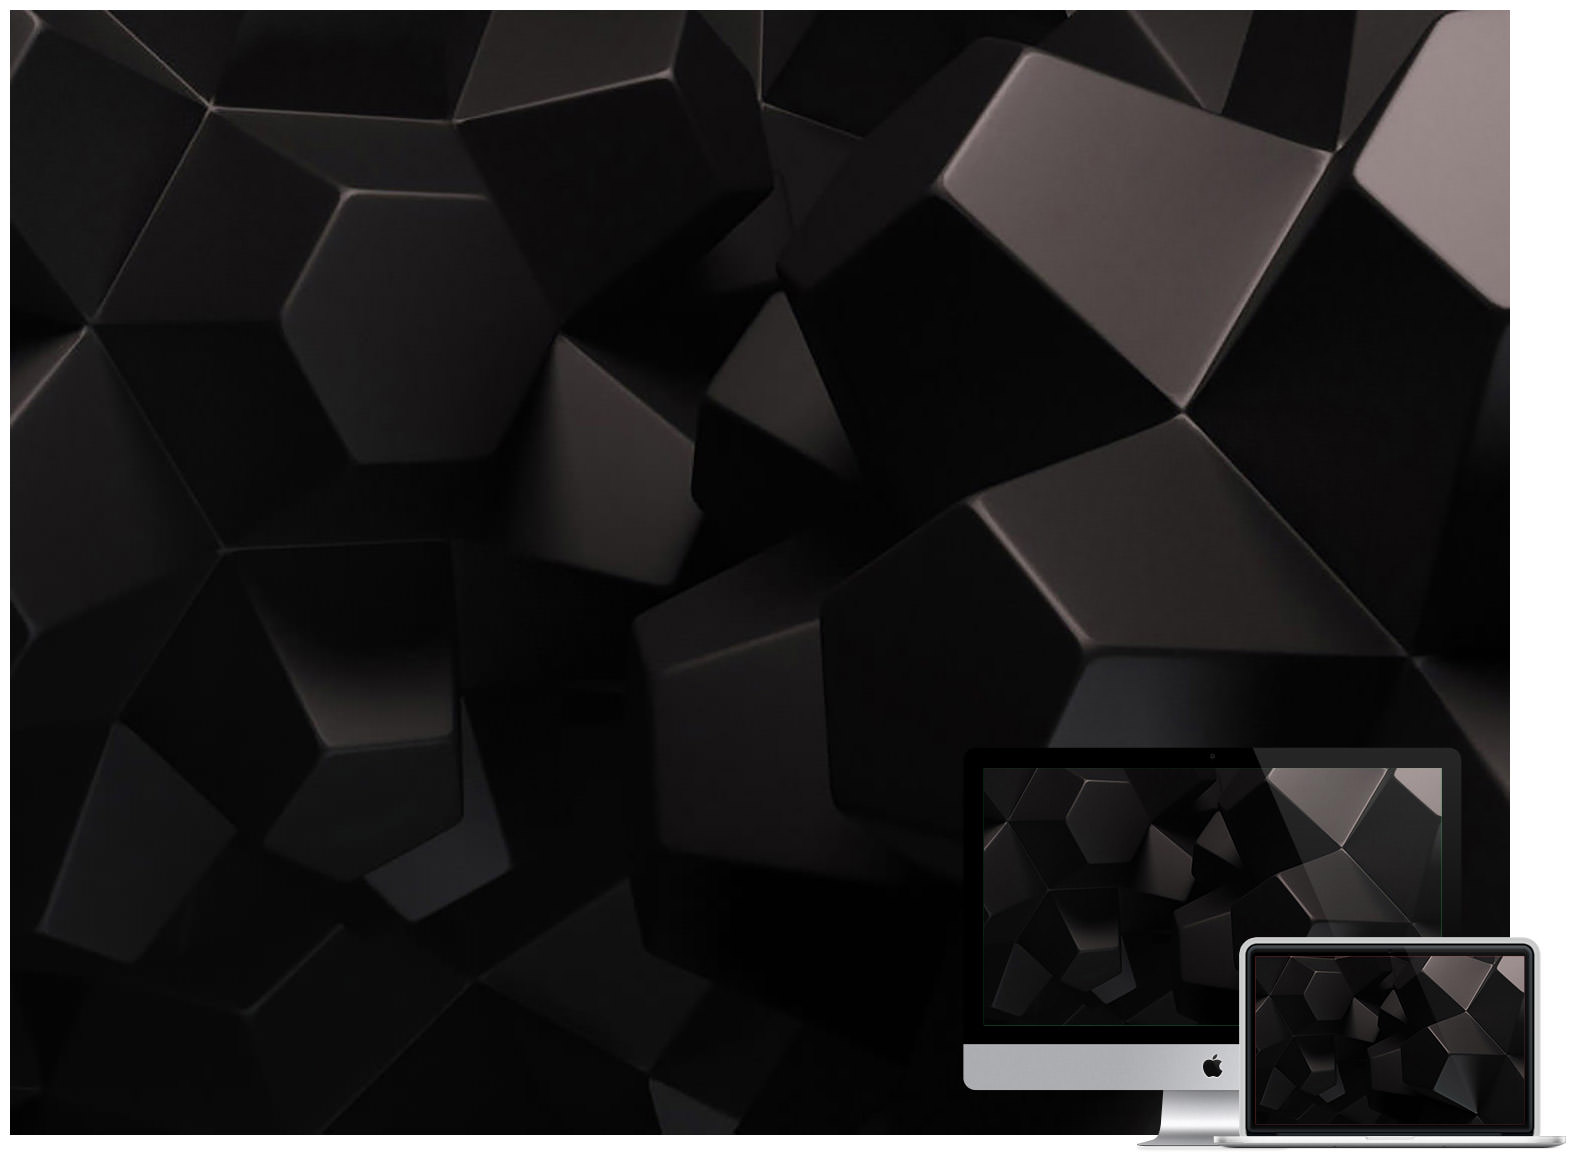 صور و خلفيات سوداء للكمبيوتر والموبايل HD تحميل صور وخلفيات سوداء جودة عالية 3